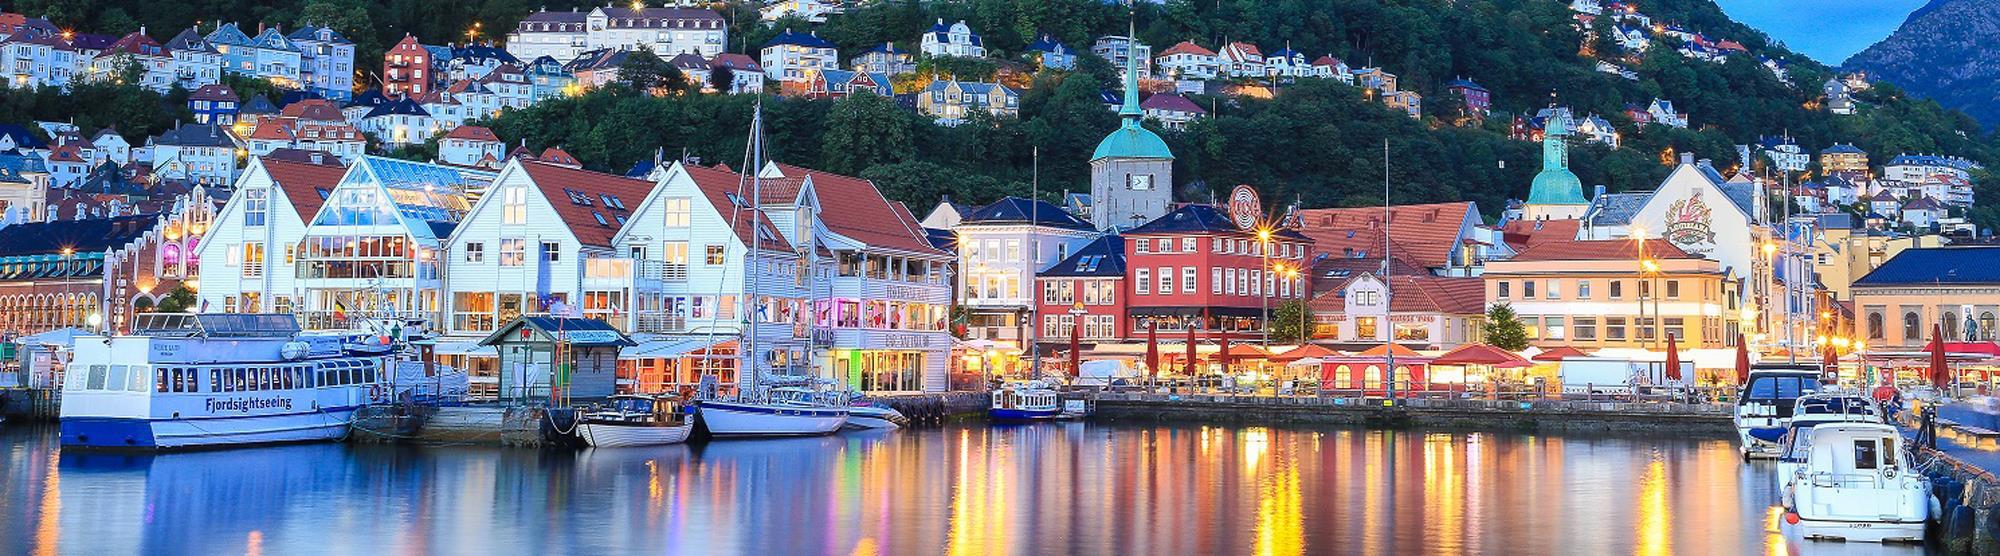 48 hours in Bergen